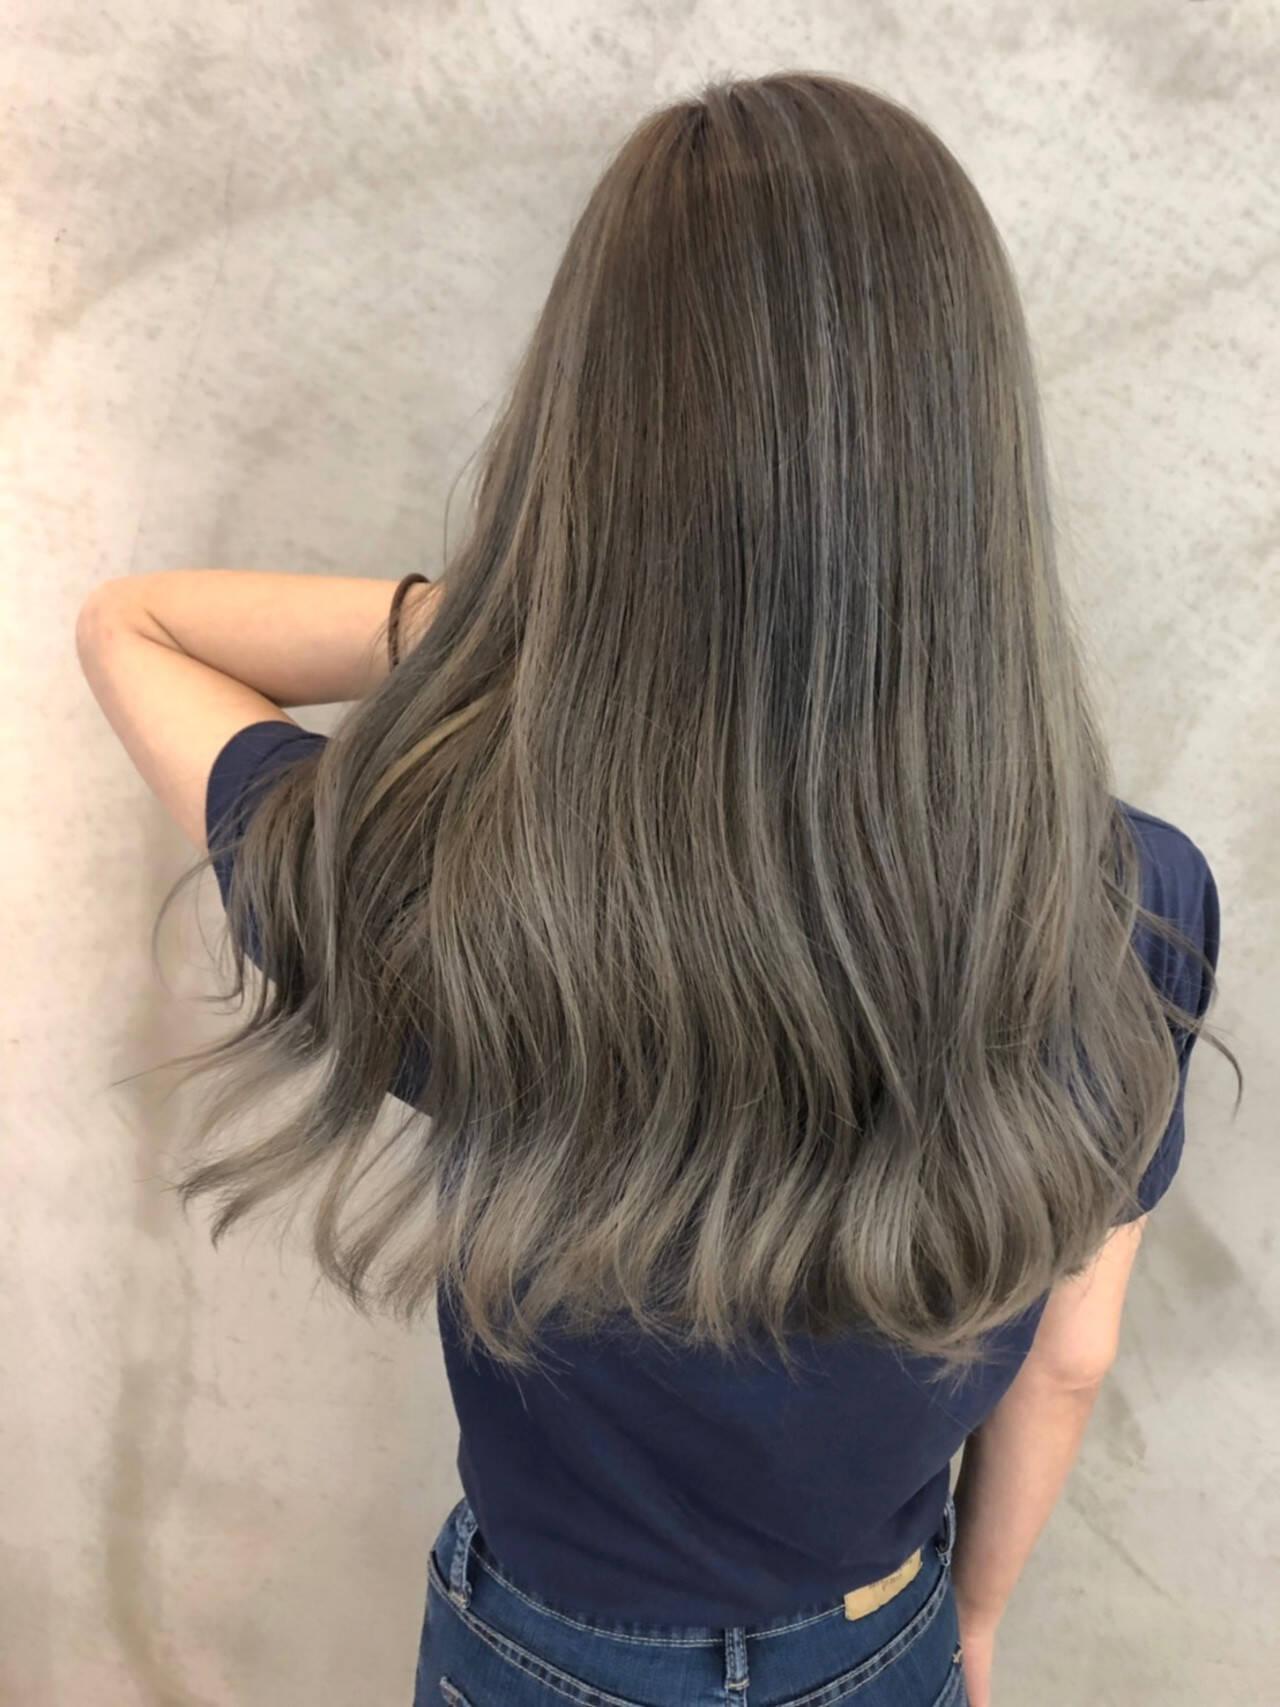 ロング レイヤーロングヘア グレージュ バレイヤージュヘアスタイルや髪型の写真・画像